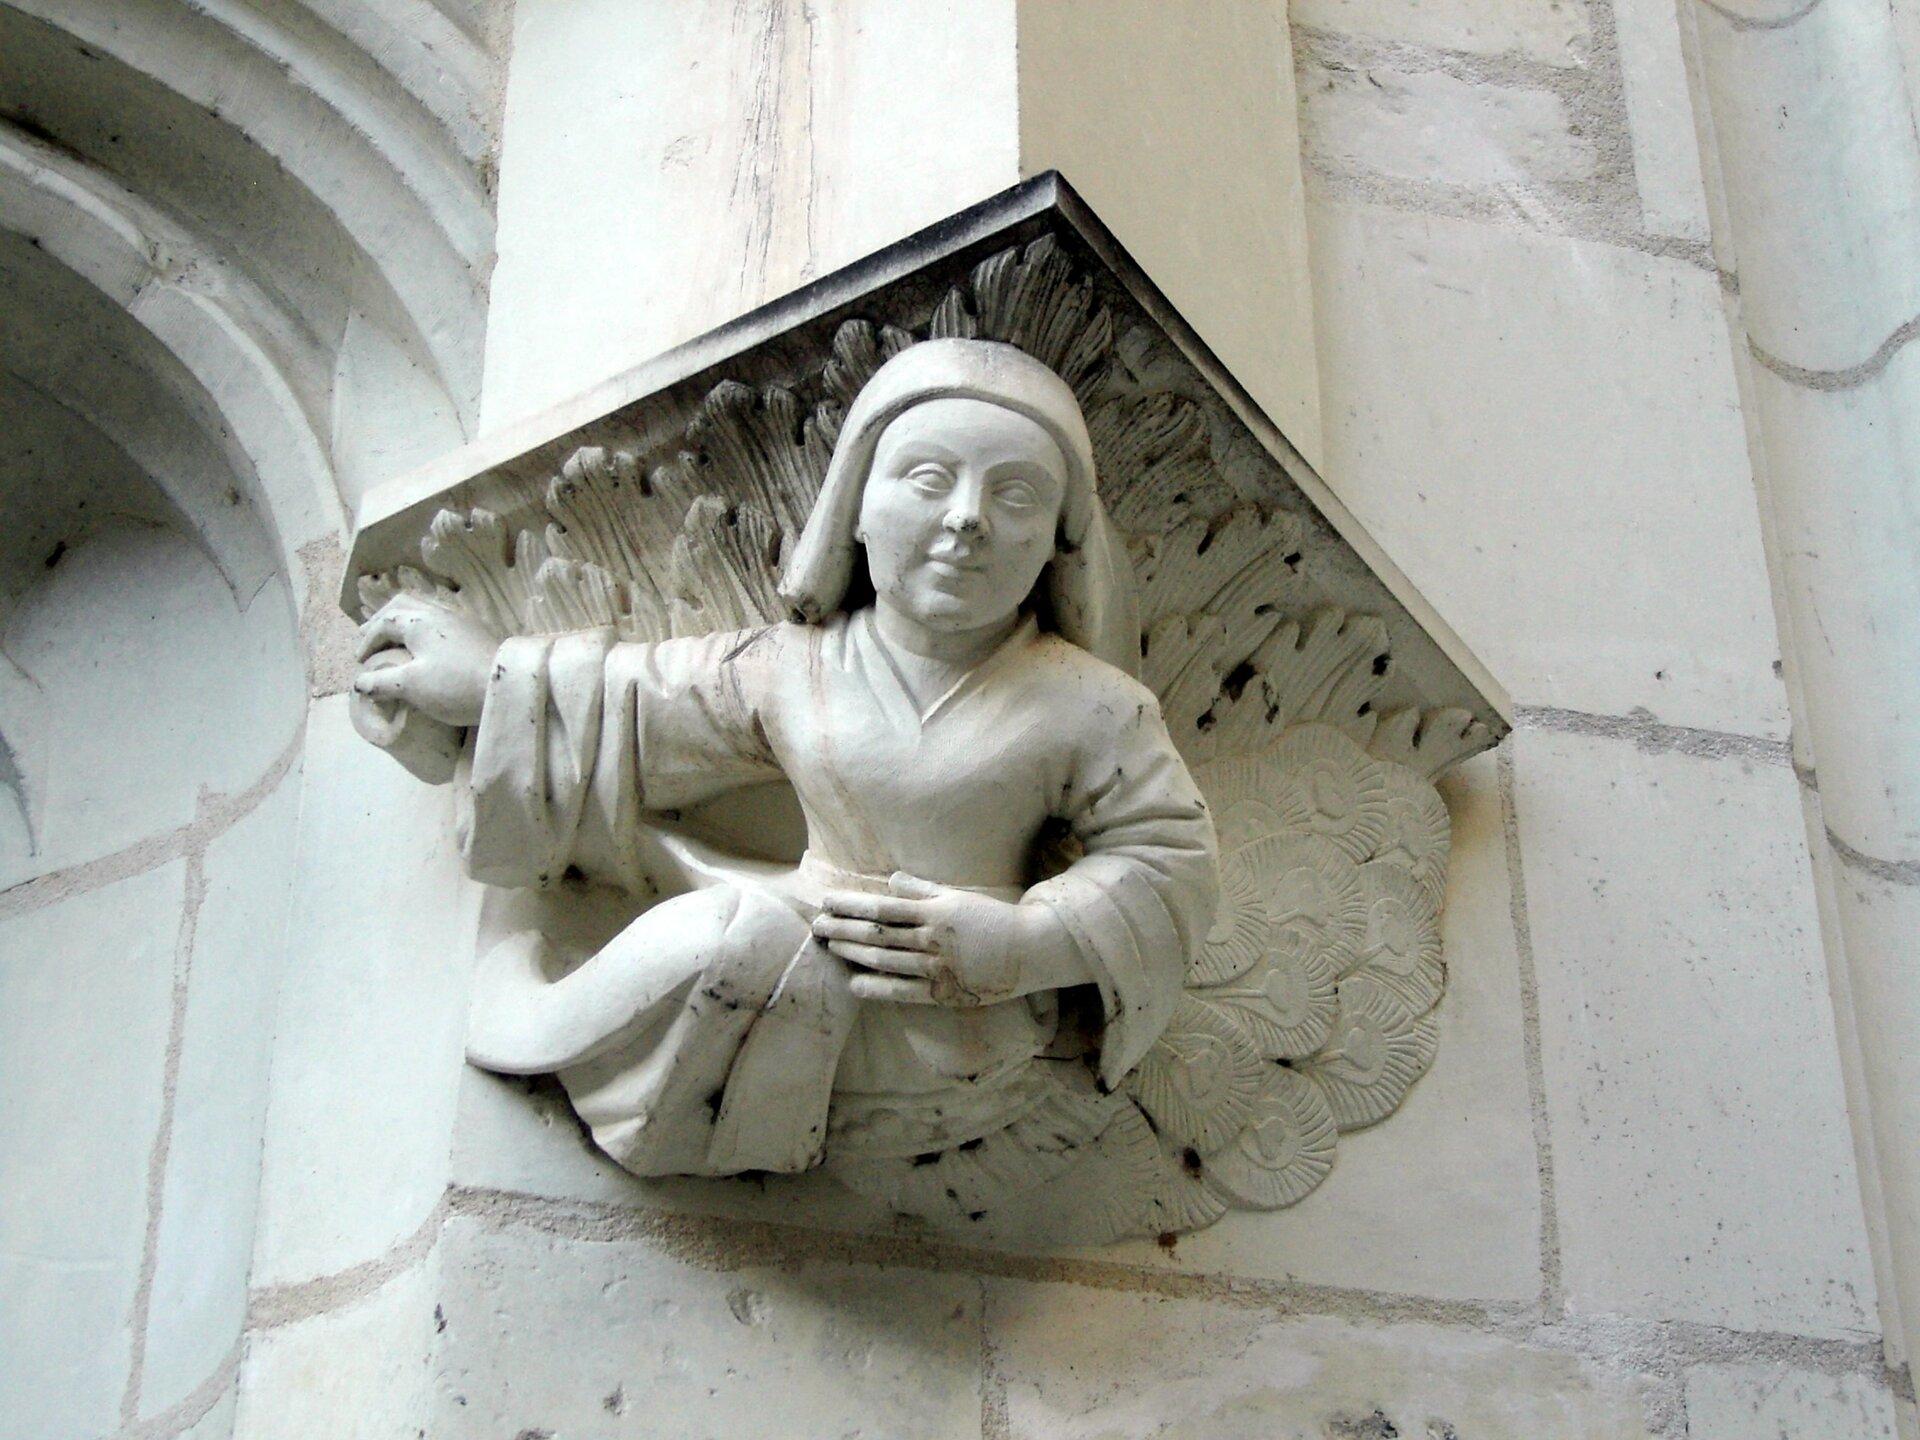 Ilustracja przedstawia ornament. Ukazuje on postać dziecka. Znajduje się ono na kamiennej ścianie. Lewą ręką trzyma się wpasie, natomiast prawą ma wyciągniętą wbok.